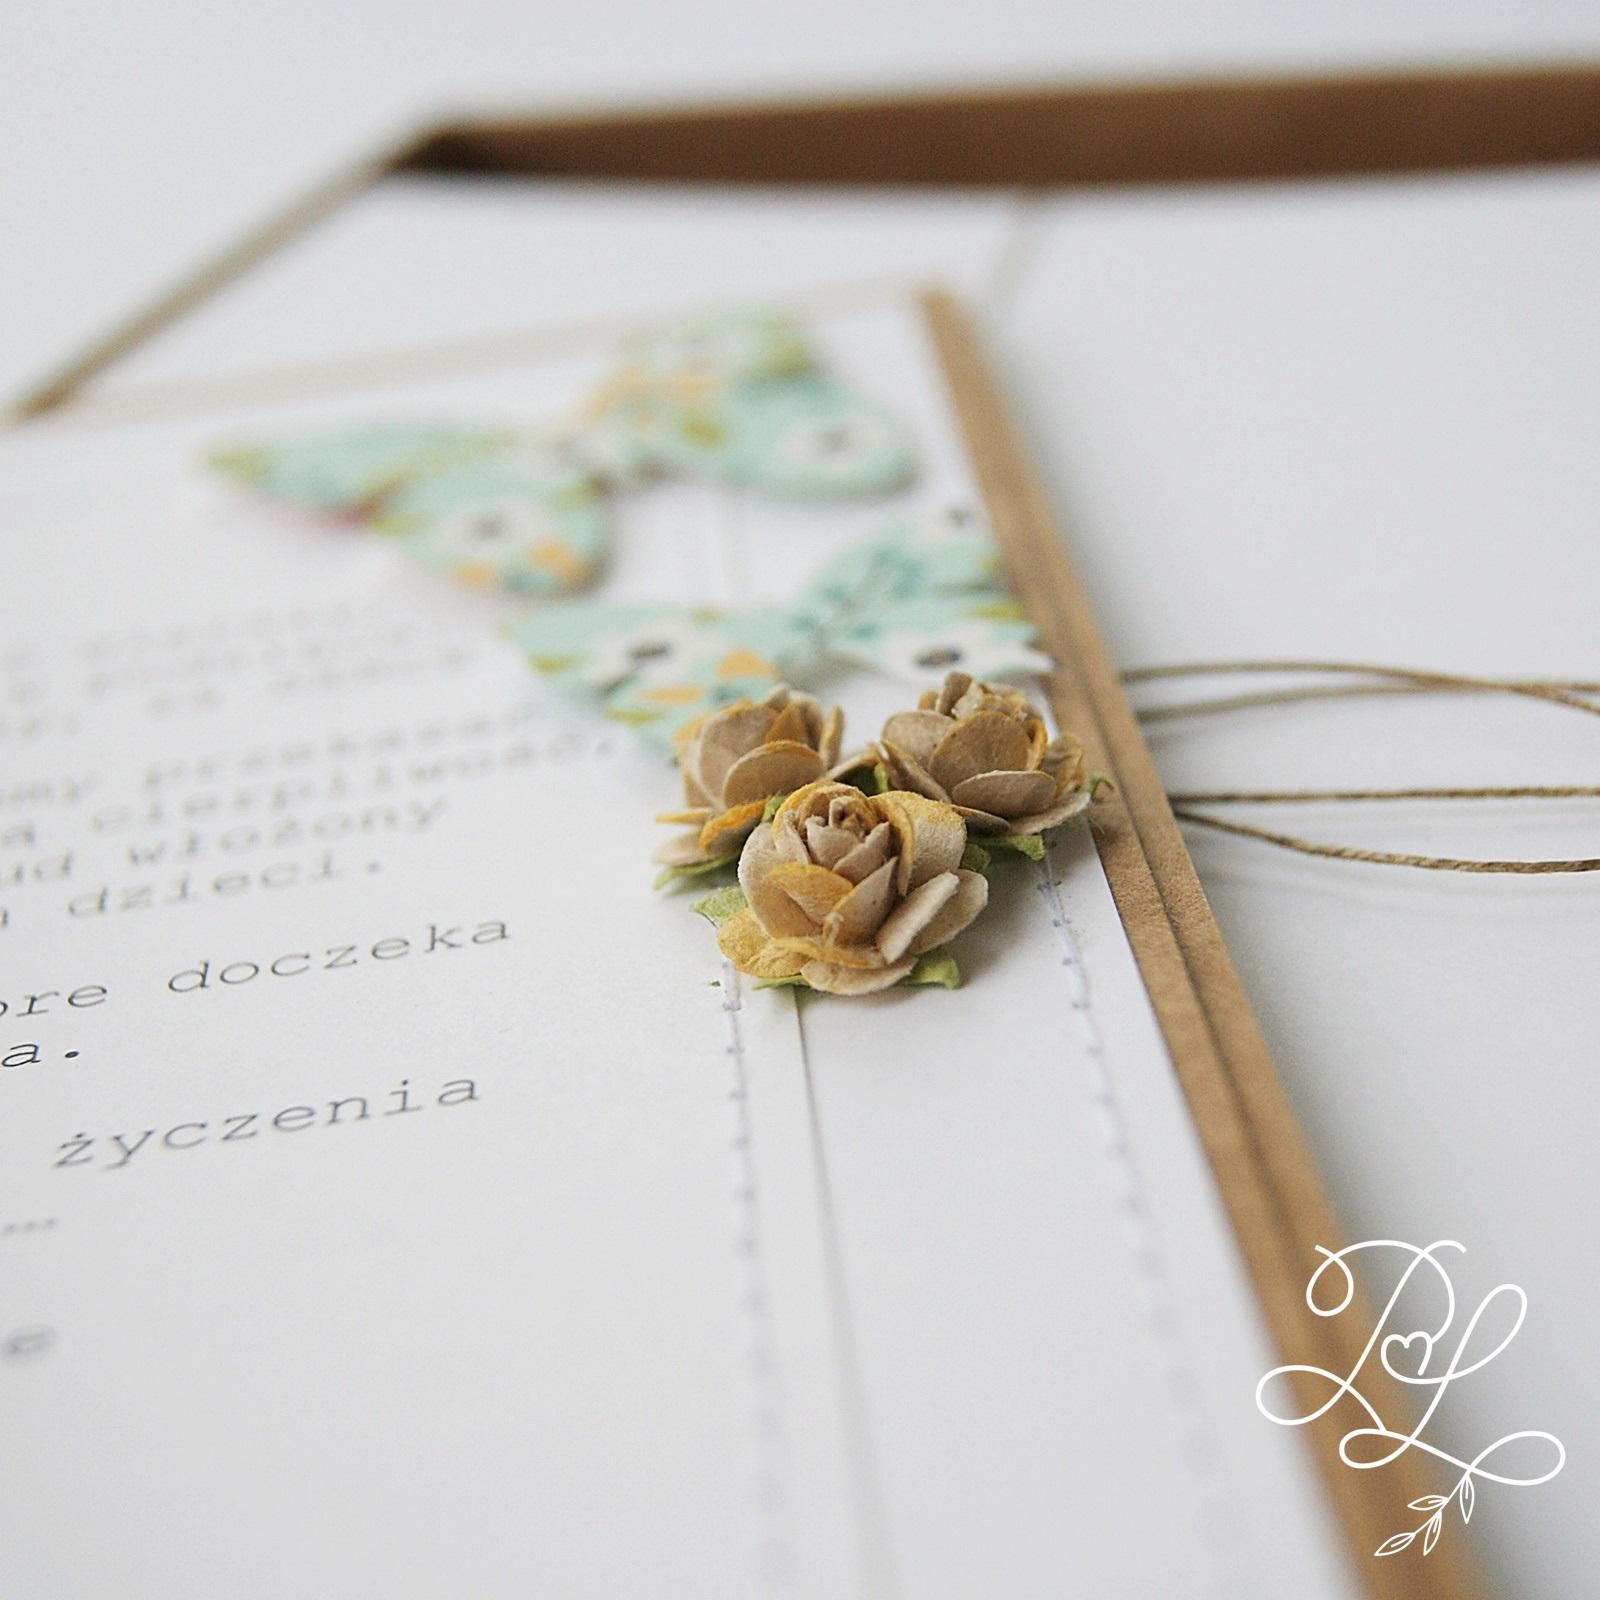 Pudełko z laurkami dla nauczyciela - Papierowe Love - sklep papierniczy i pracownia rękodzieła Katarzyna Rajczakowska.